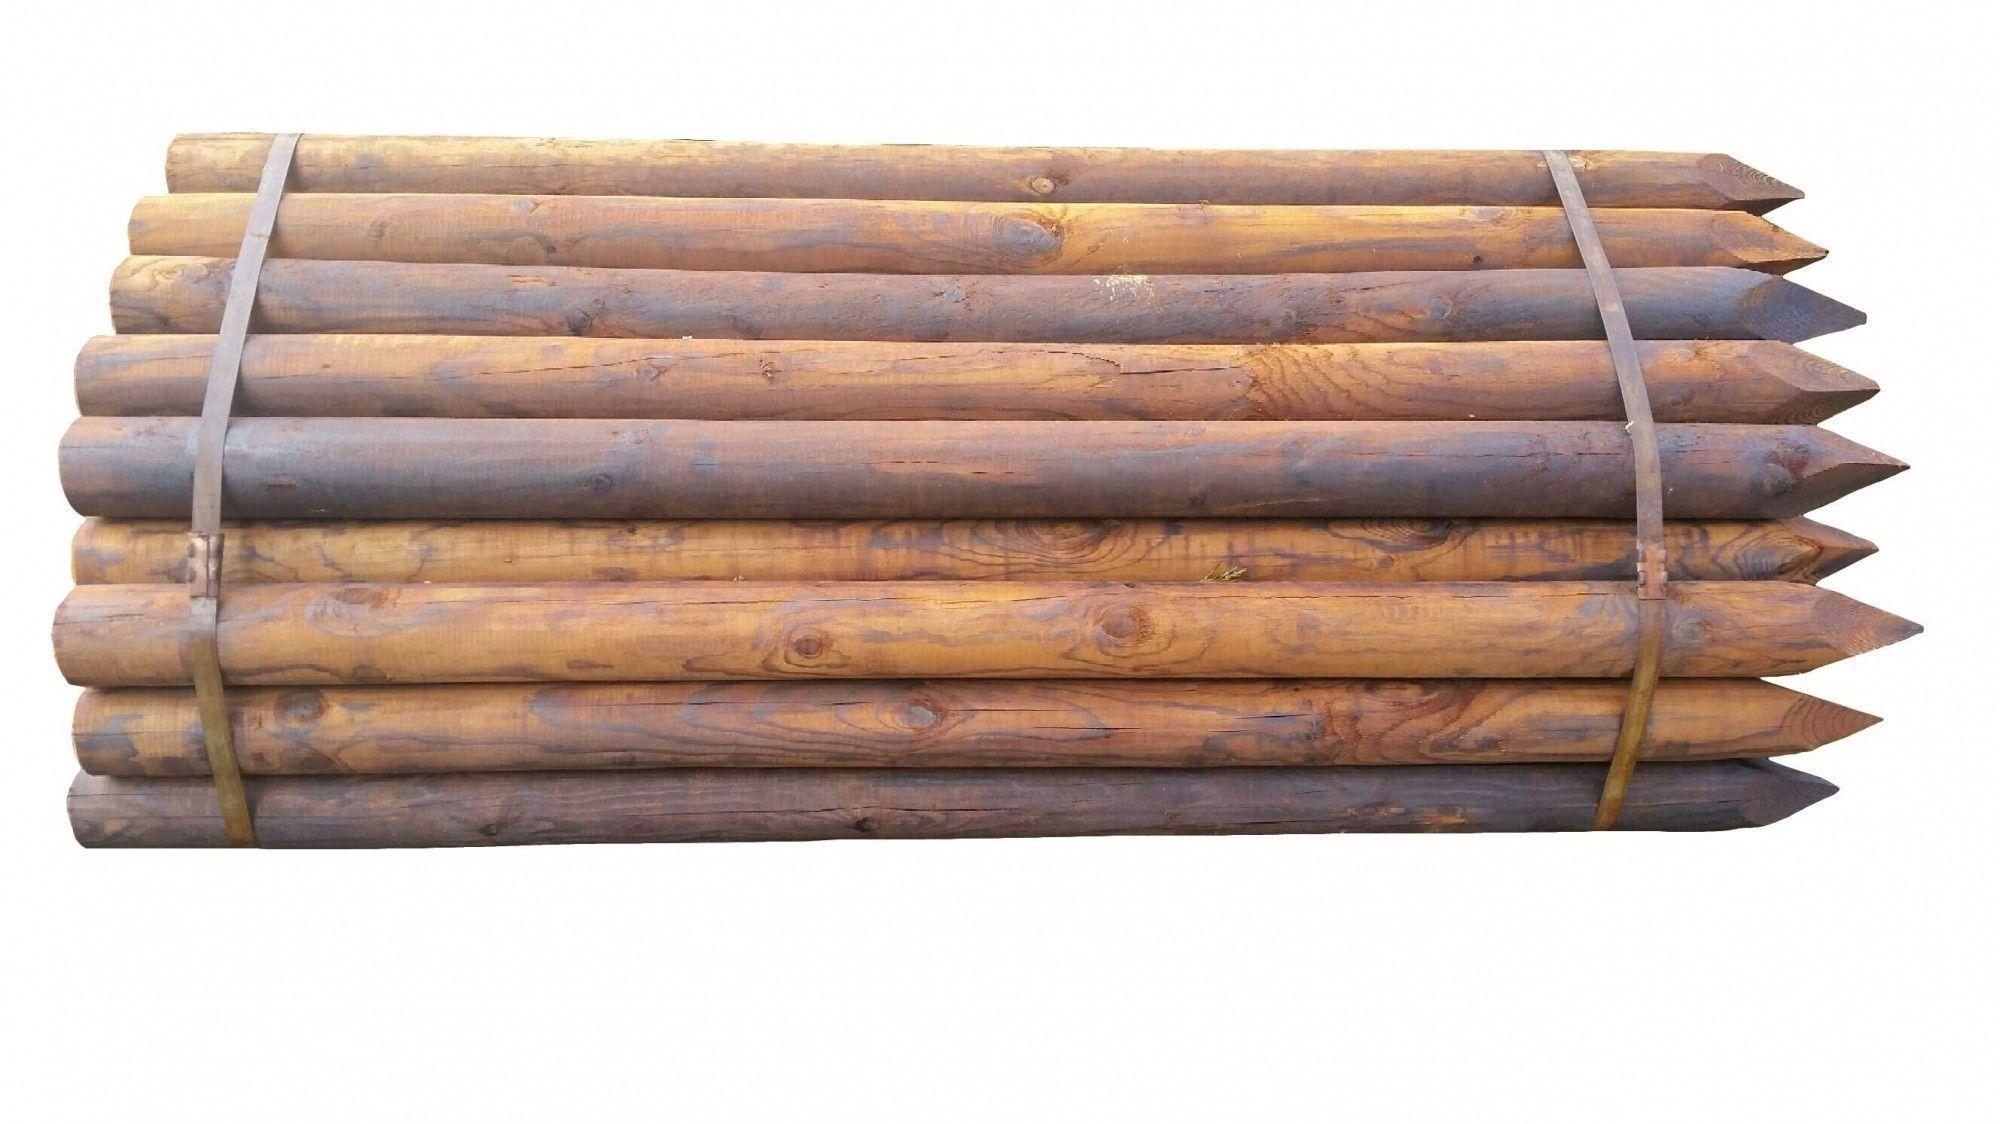 Houten paal Gecreosoteerd 225 x 14cm rond gefreesd